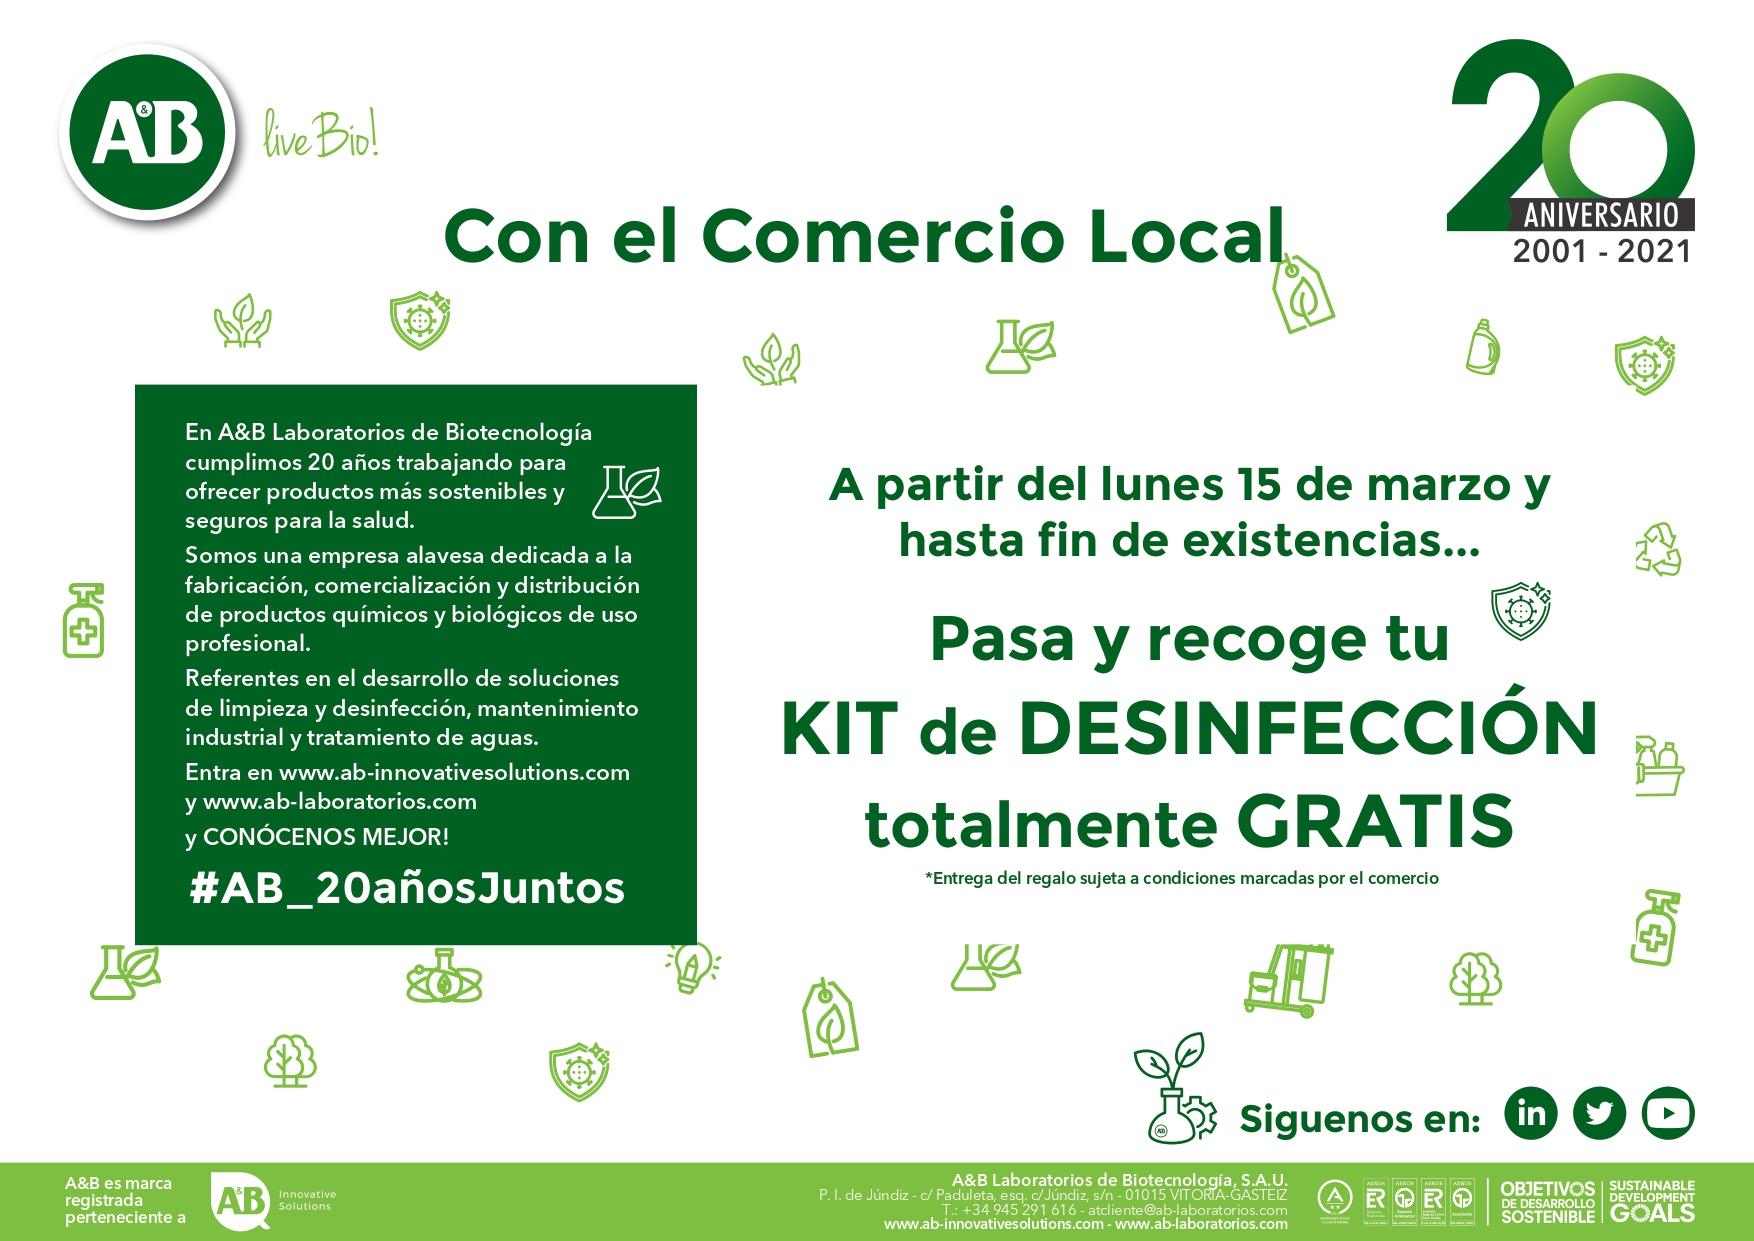 AB Laboratorios celebra su aniversario con el comercio local